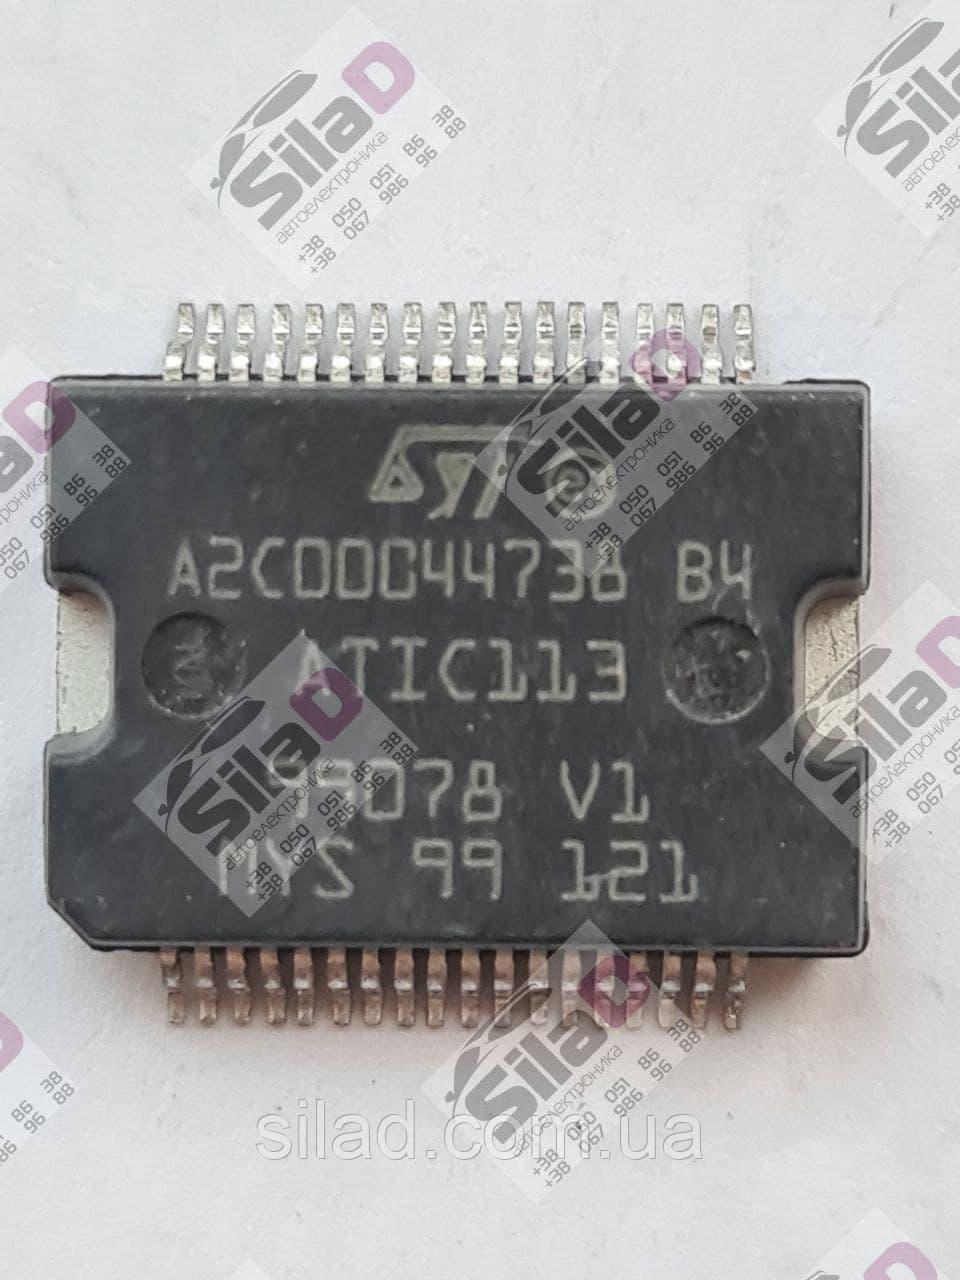 Микросхема A2C00044738 B4 ATIC113 STMicroelectronics корпус SOP-36